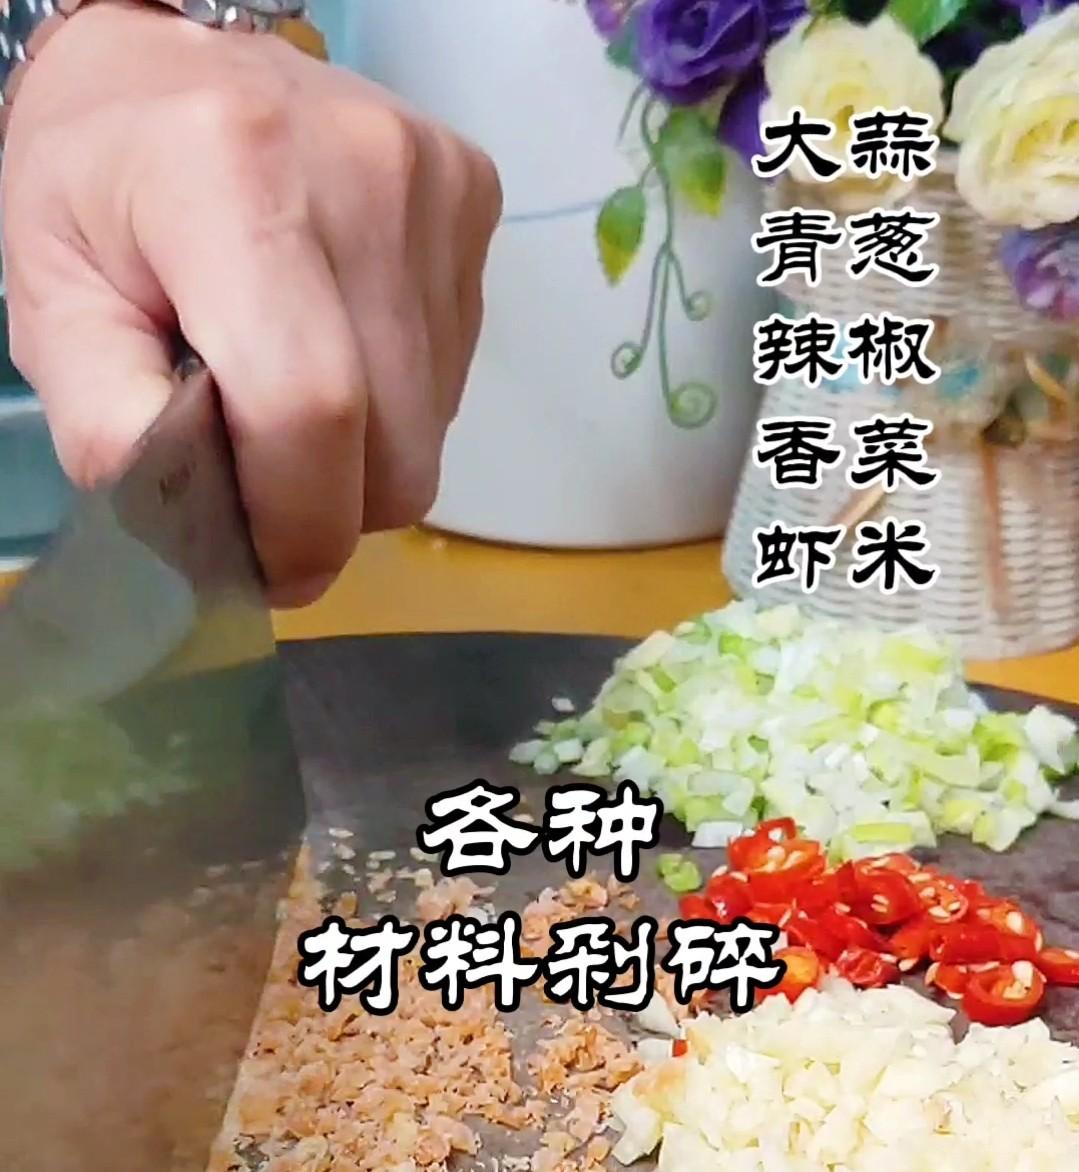 金针菇白玉卷~金玉满堂迎新春的做法大全